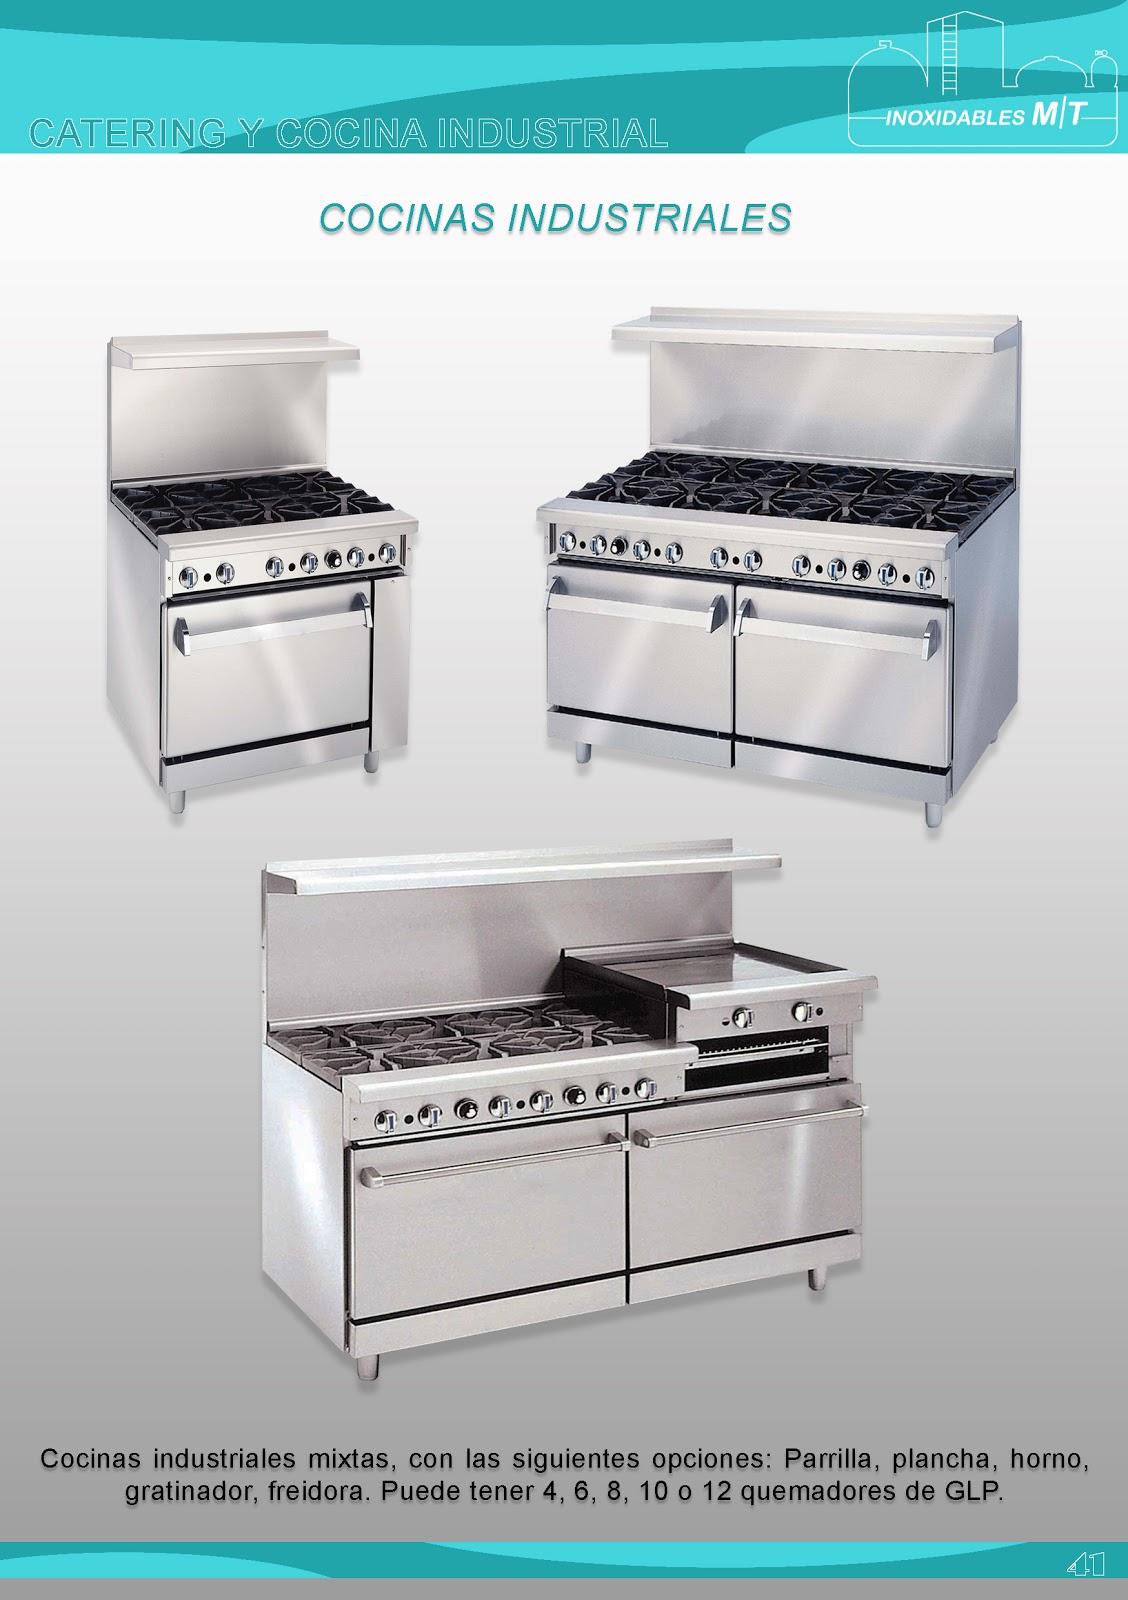 Inoxidables mt conoce el acero inoxidable inoxidables mt for Equipo manual de cocina